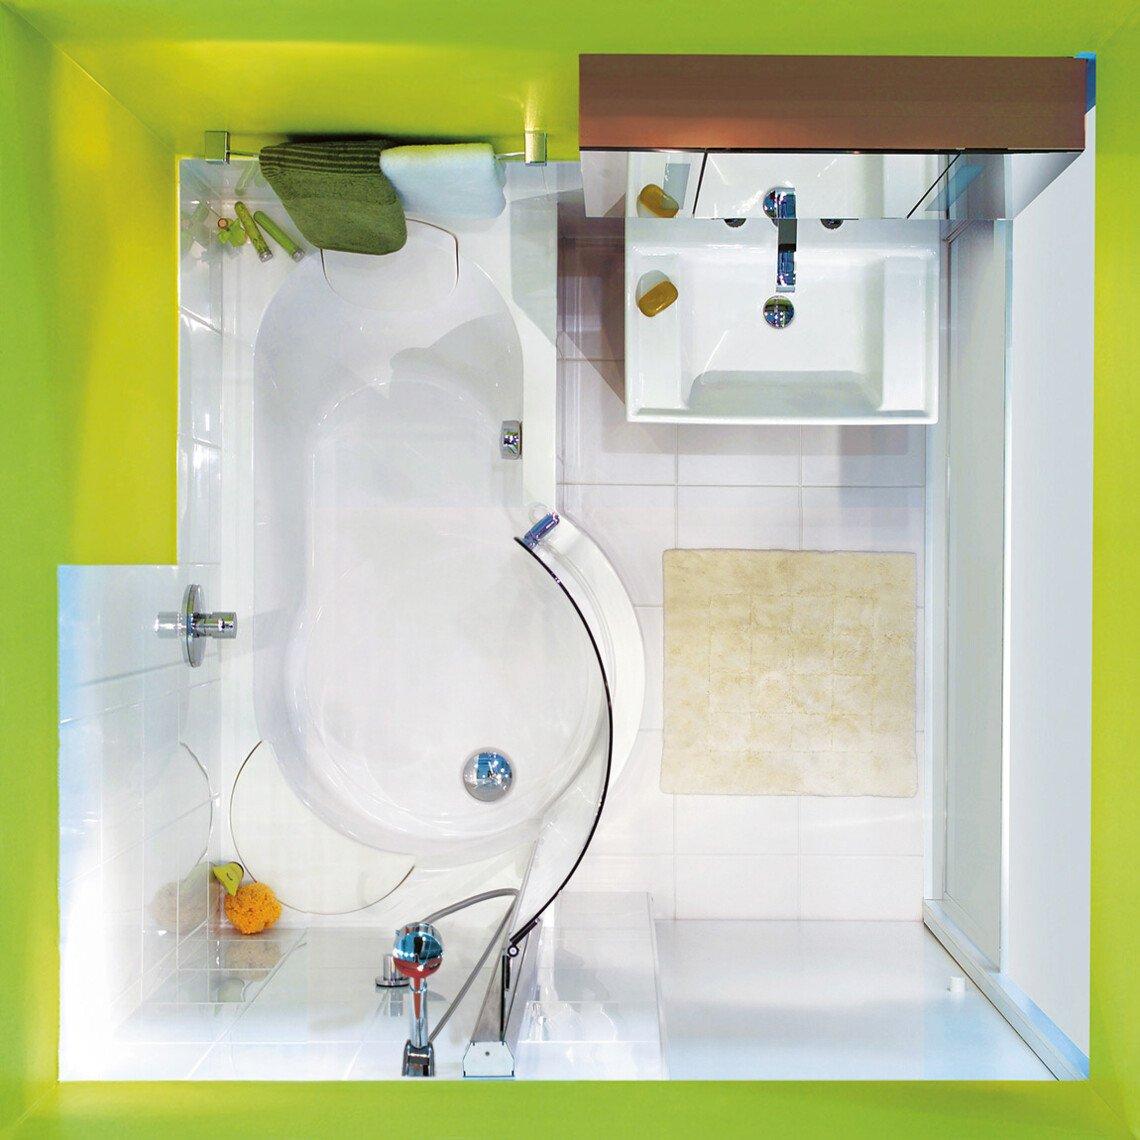 kleines bad ganz gro mit der twinline duschbadewanne. Black Bedroom Furniture Sets. Home Design Ideas